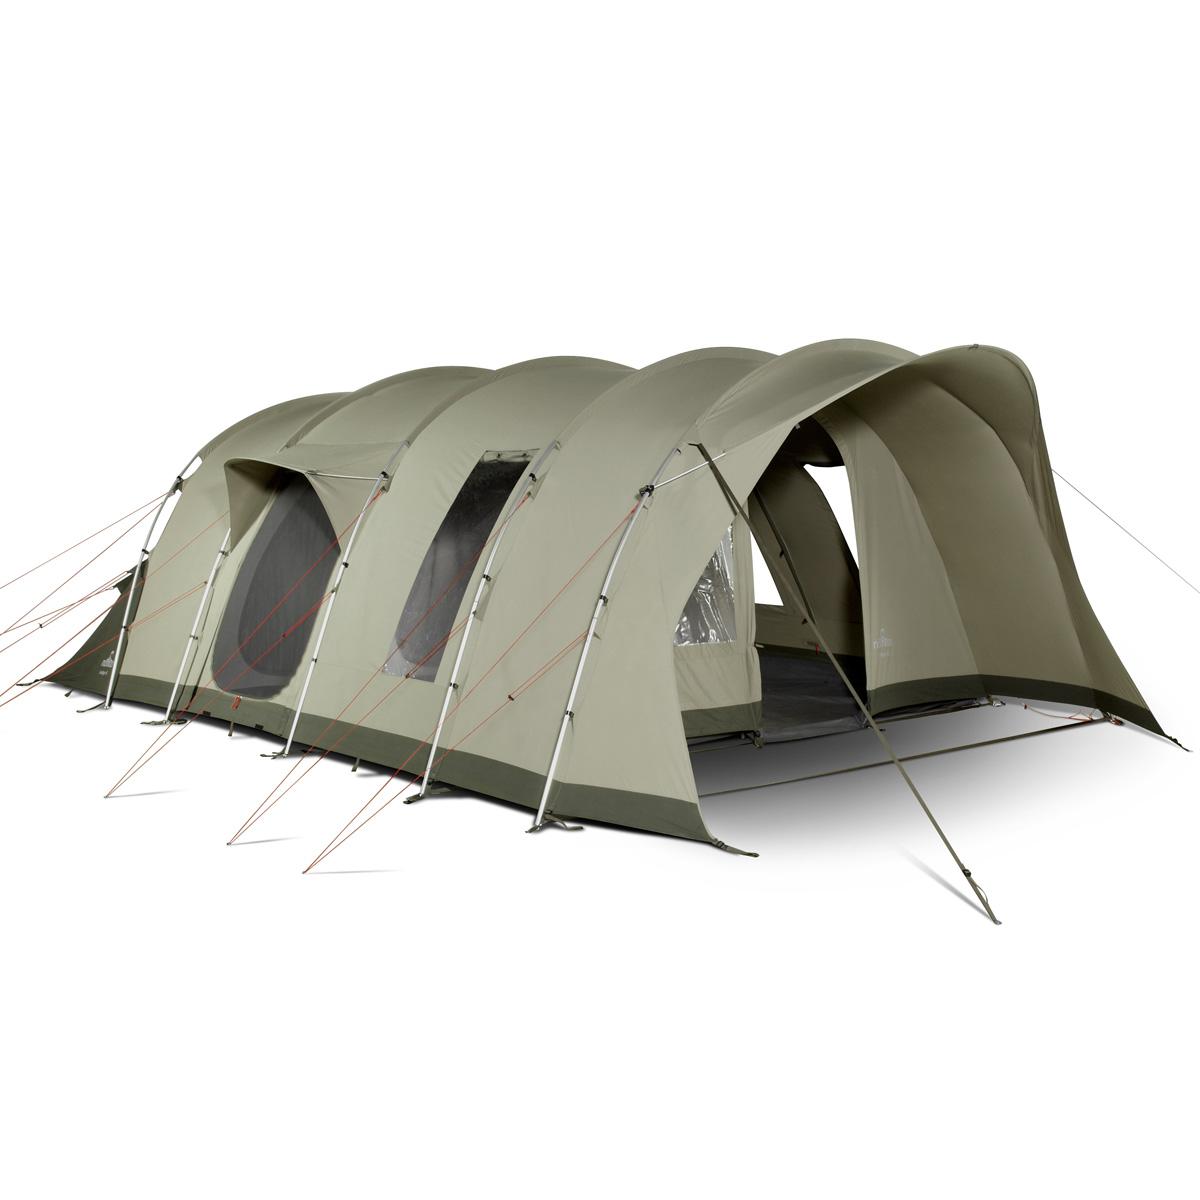 nomad lodge 6 air familien tunnelzelt 6 personen neu ebay. Black Bedroom Furniture Sets. Home Design Ideas